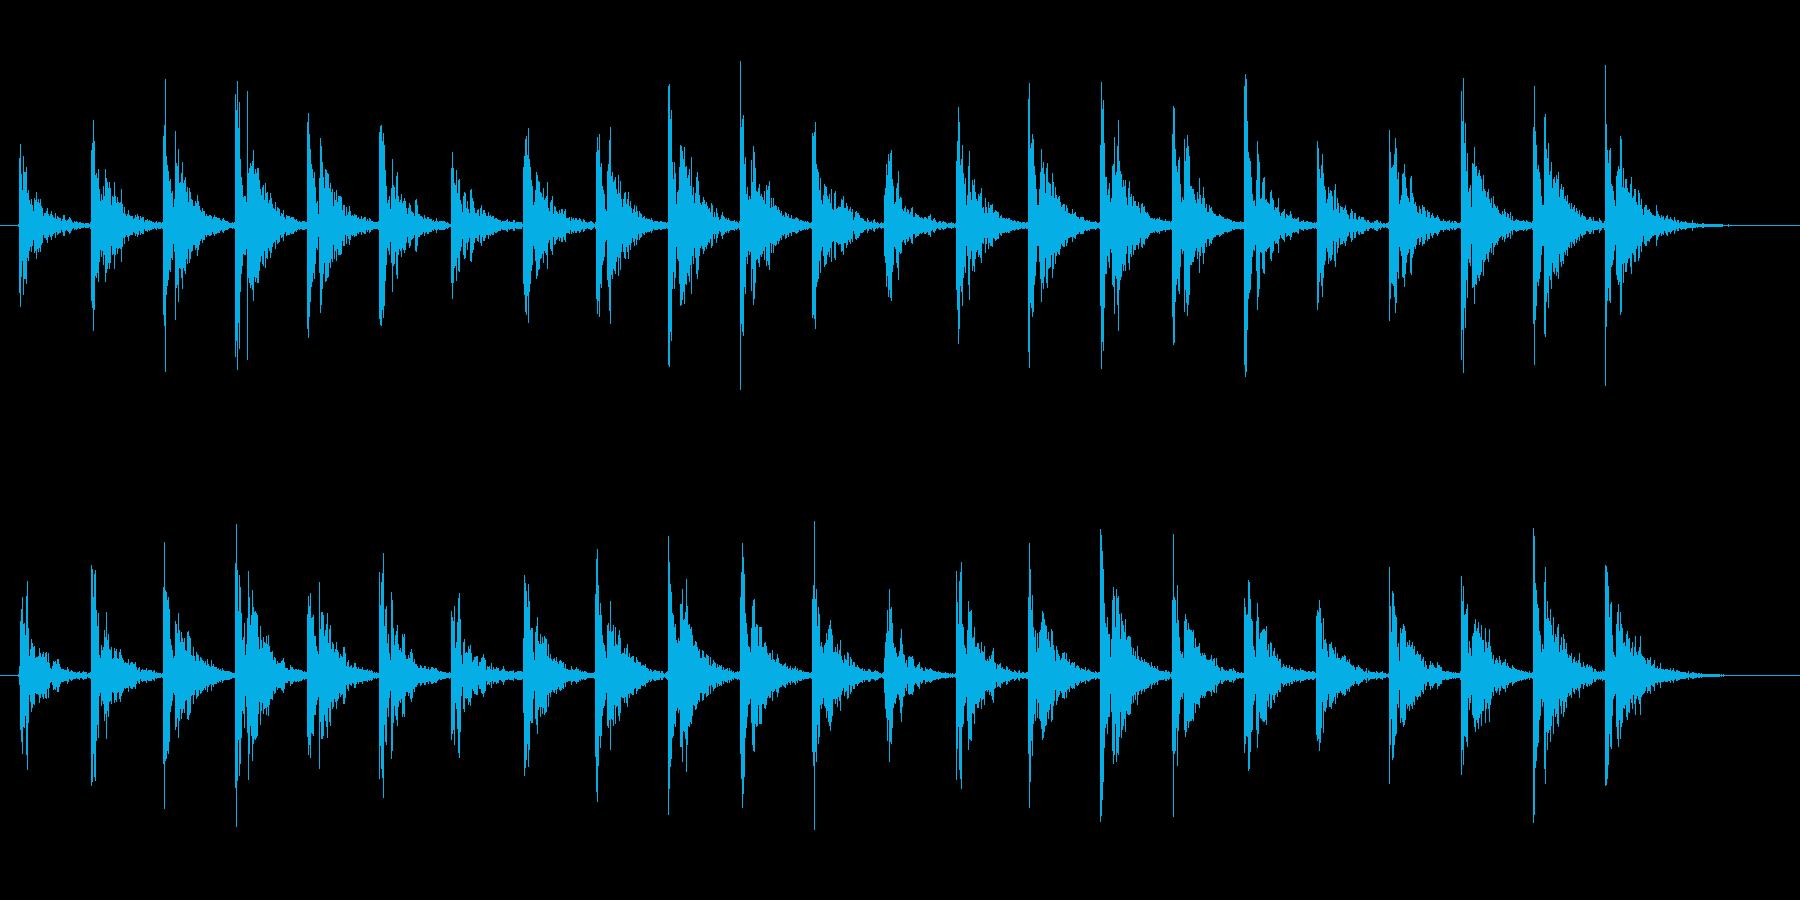 洞窟の中で氷が弾けるような音の再生済みの波形